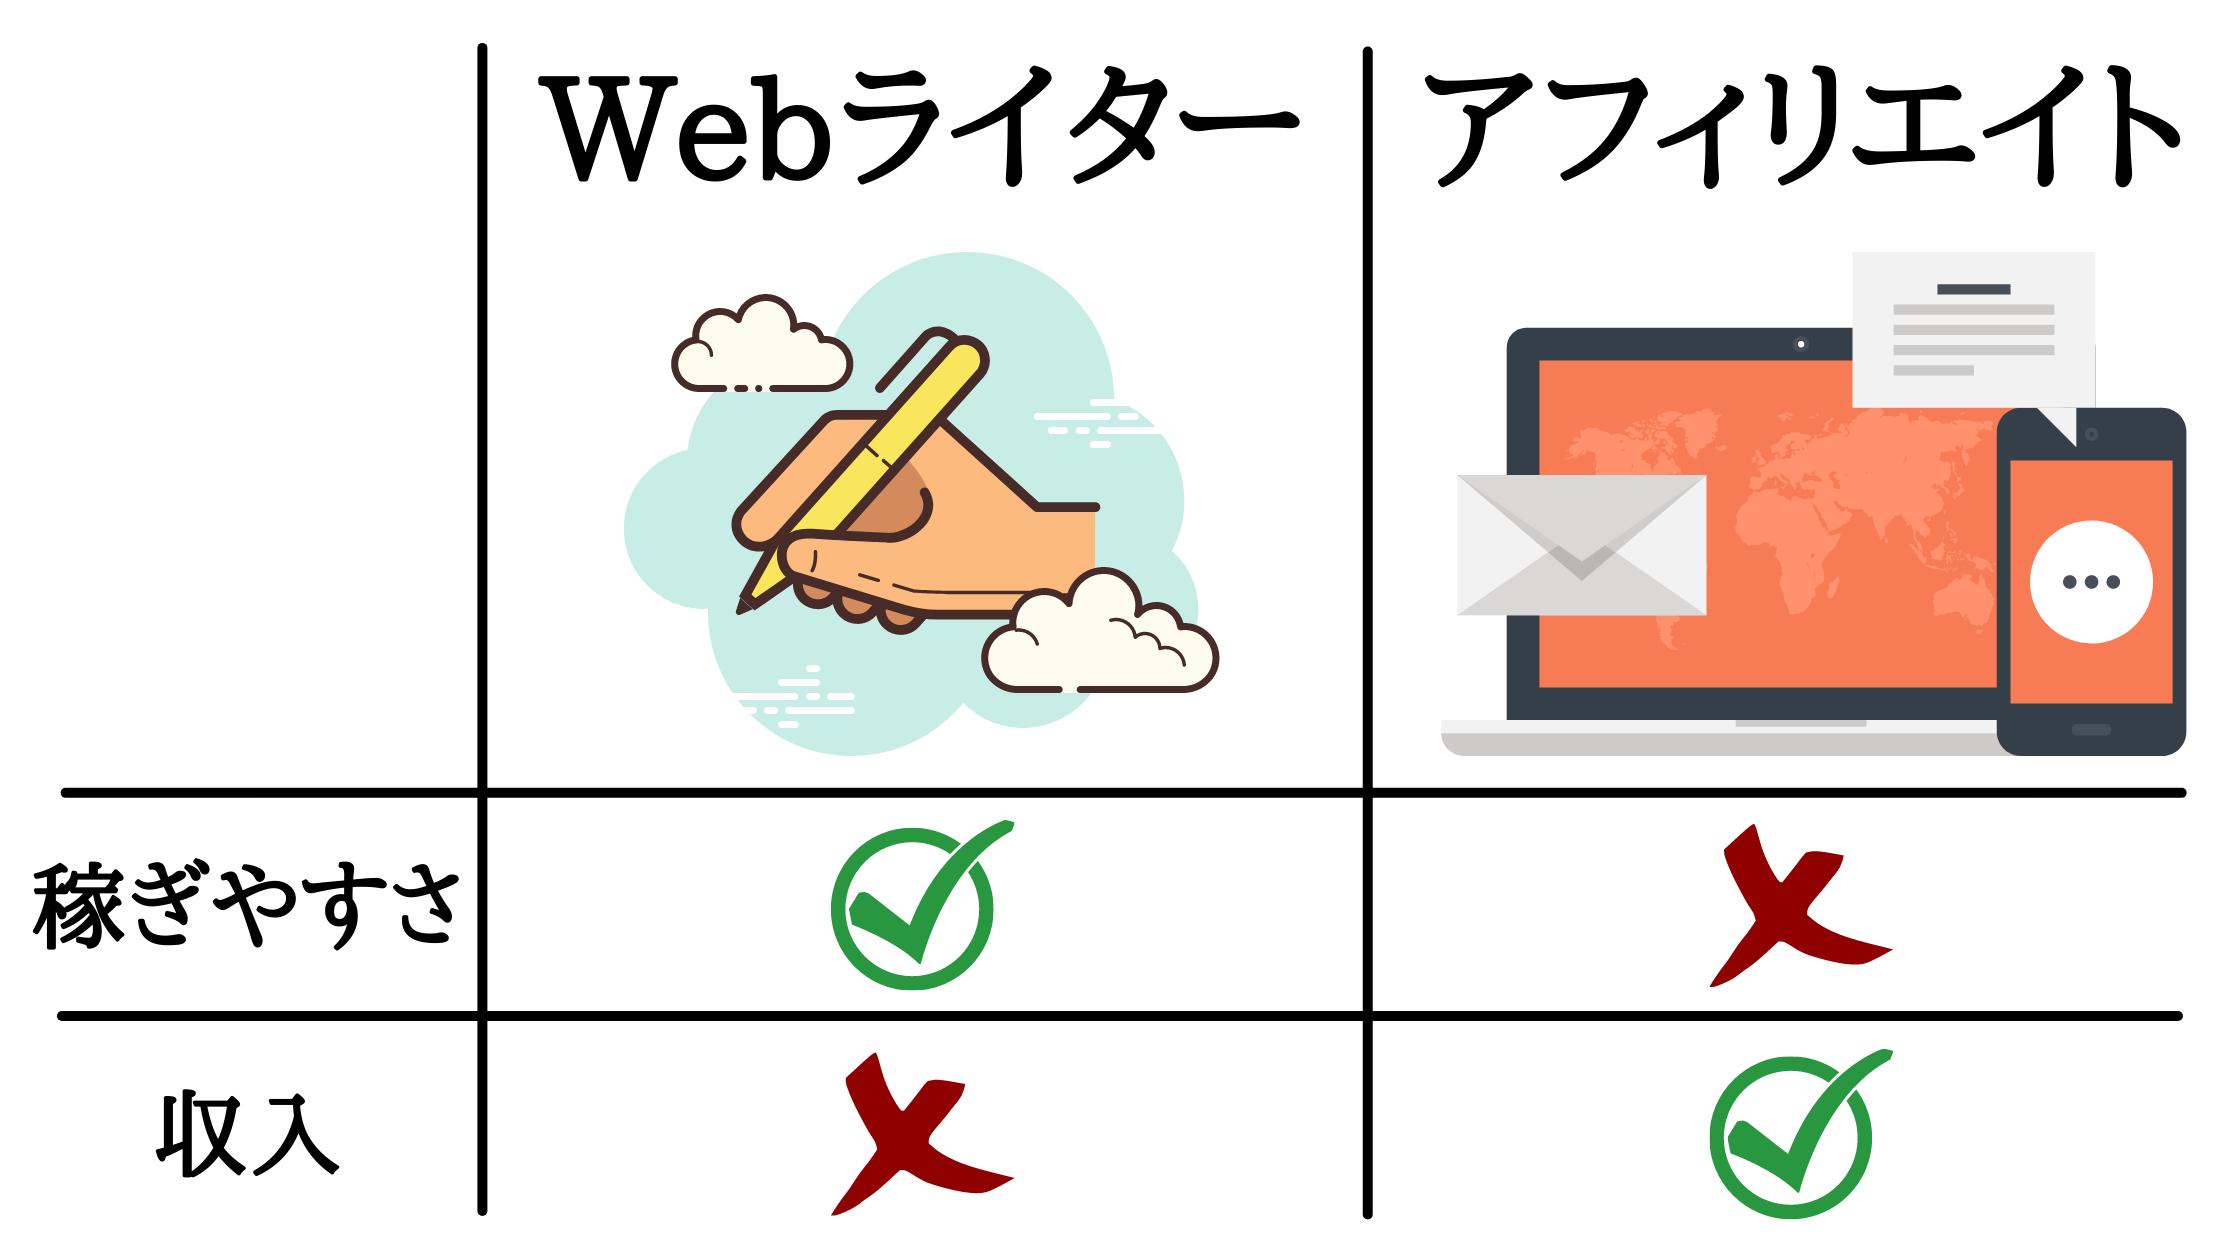 Webライターとは異なる収入源を作れるから